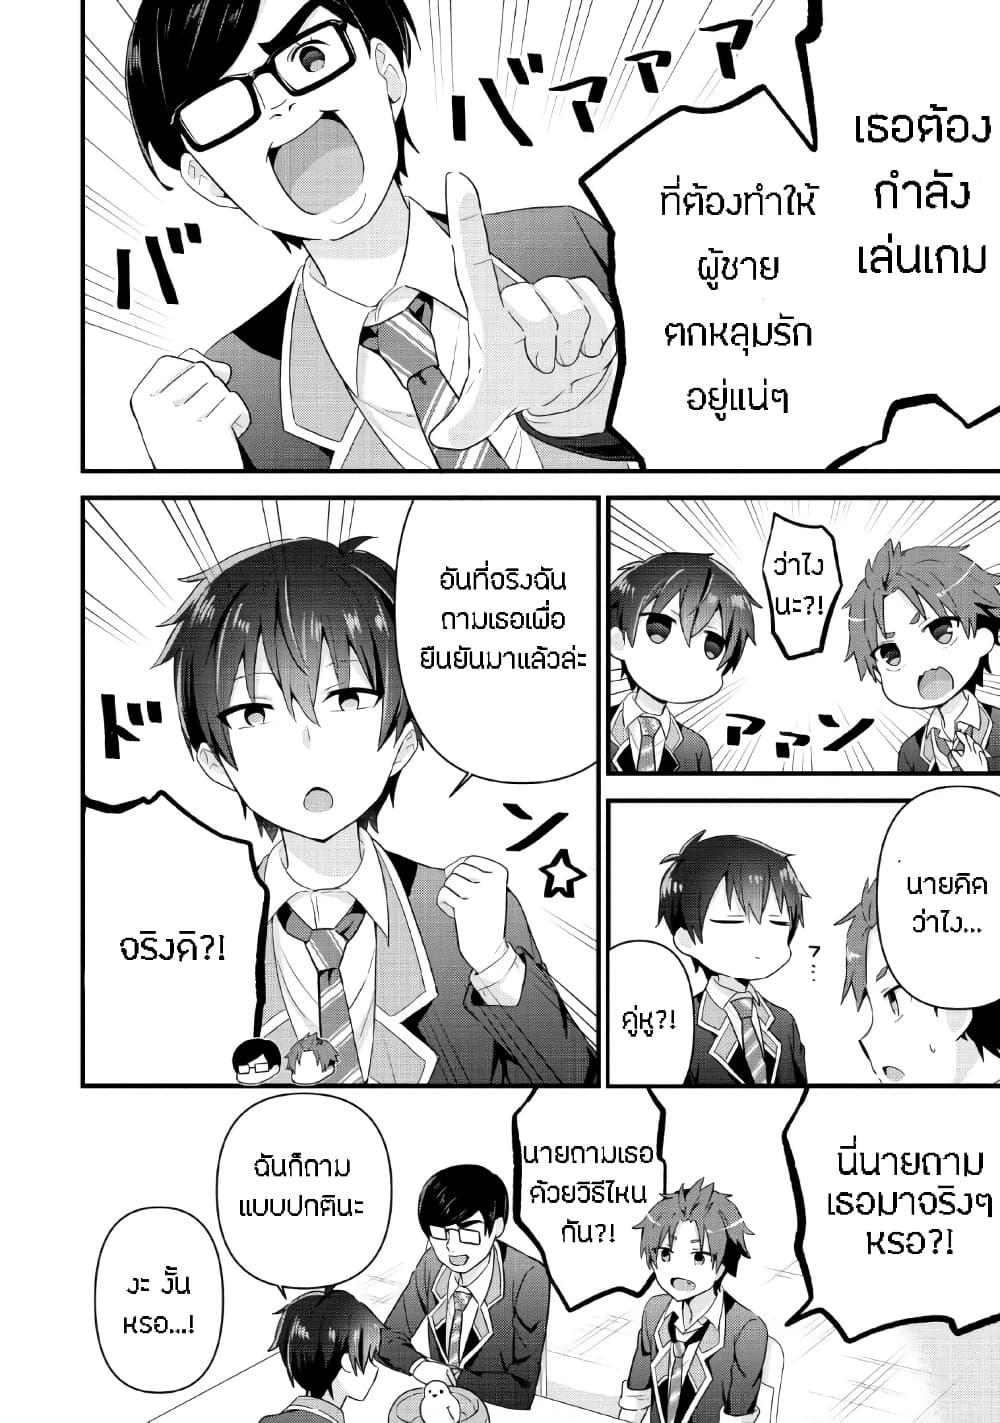 อ่านการ์ตูน Tonari no Seki ni Natta Bishoujo ga Horesaseyou to Karakatte Kuru ga Itsunomanika Kaeriuchi ni Shite Ita ตอนที่ 4 หน้าที่ 12